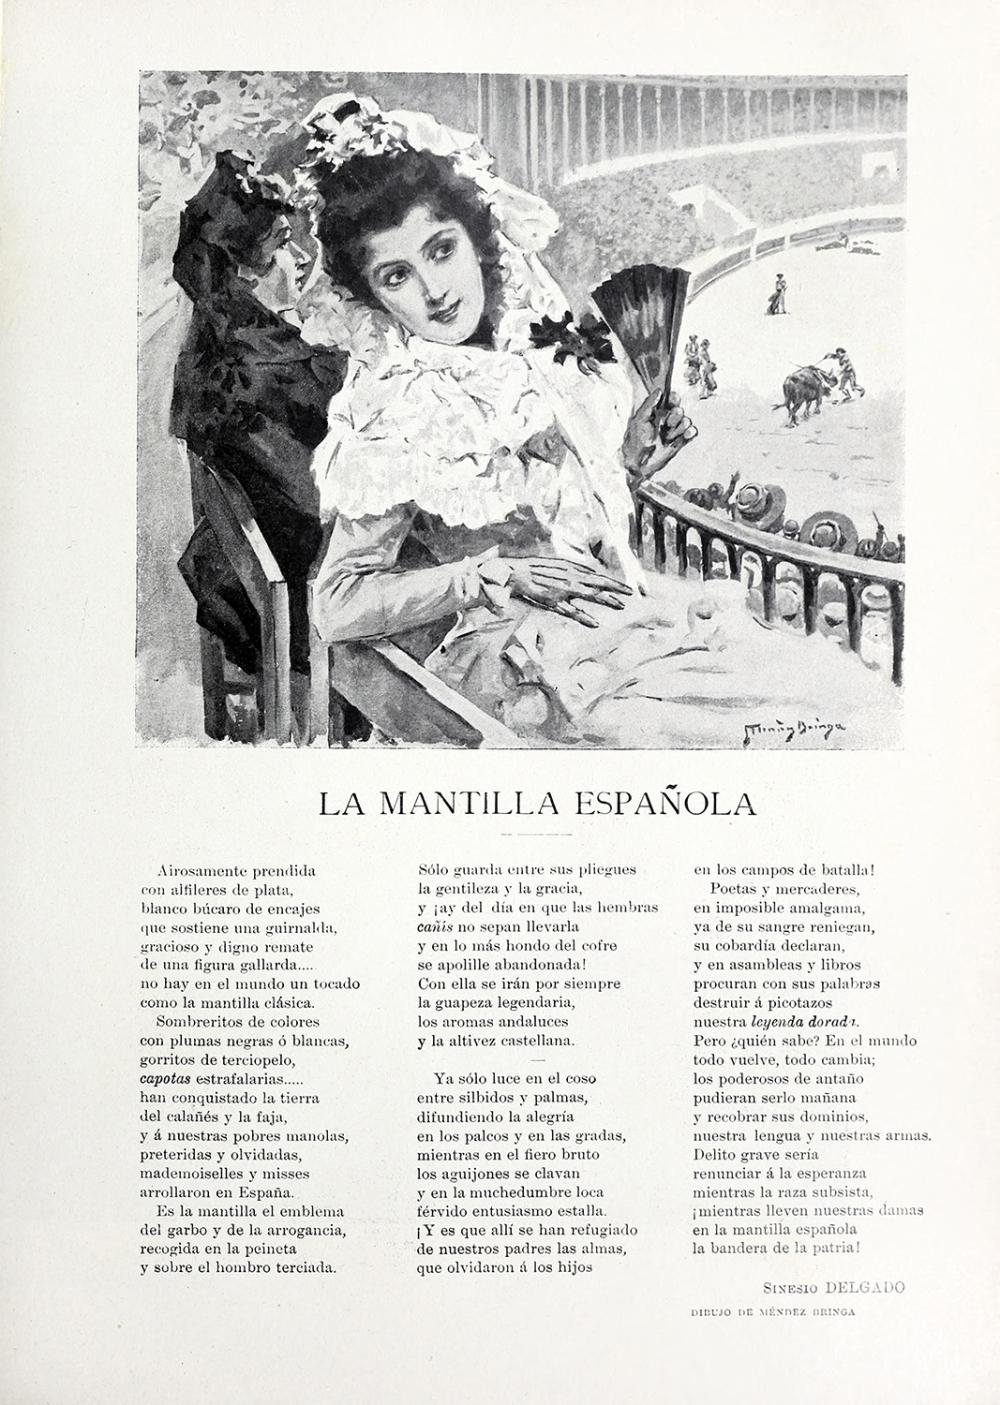 Texto, Sinesio Delgado. Ilustración, Méndez Bringa. Revista Blanco y Negro. La mantilla española. 1900.